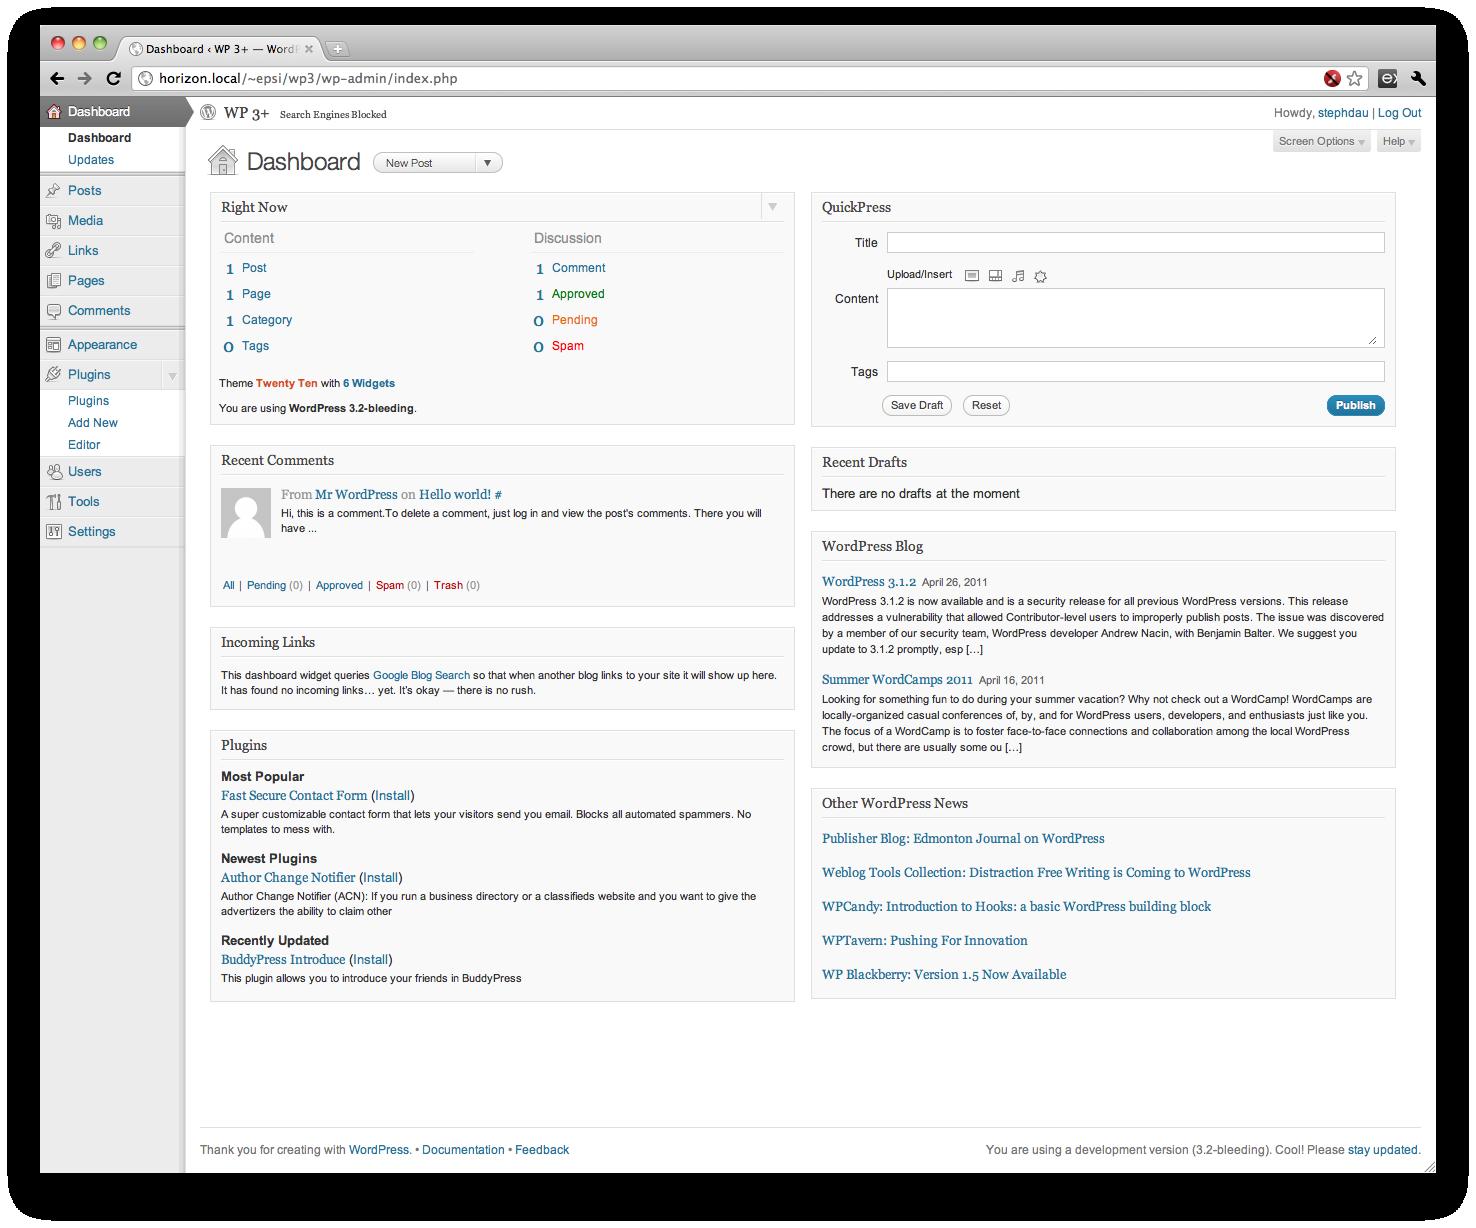 lo nuevo de wordpress 3.2